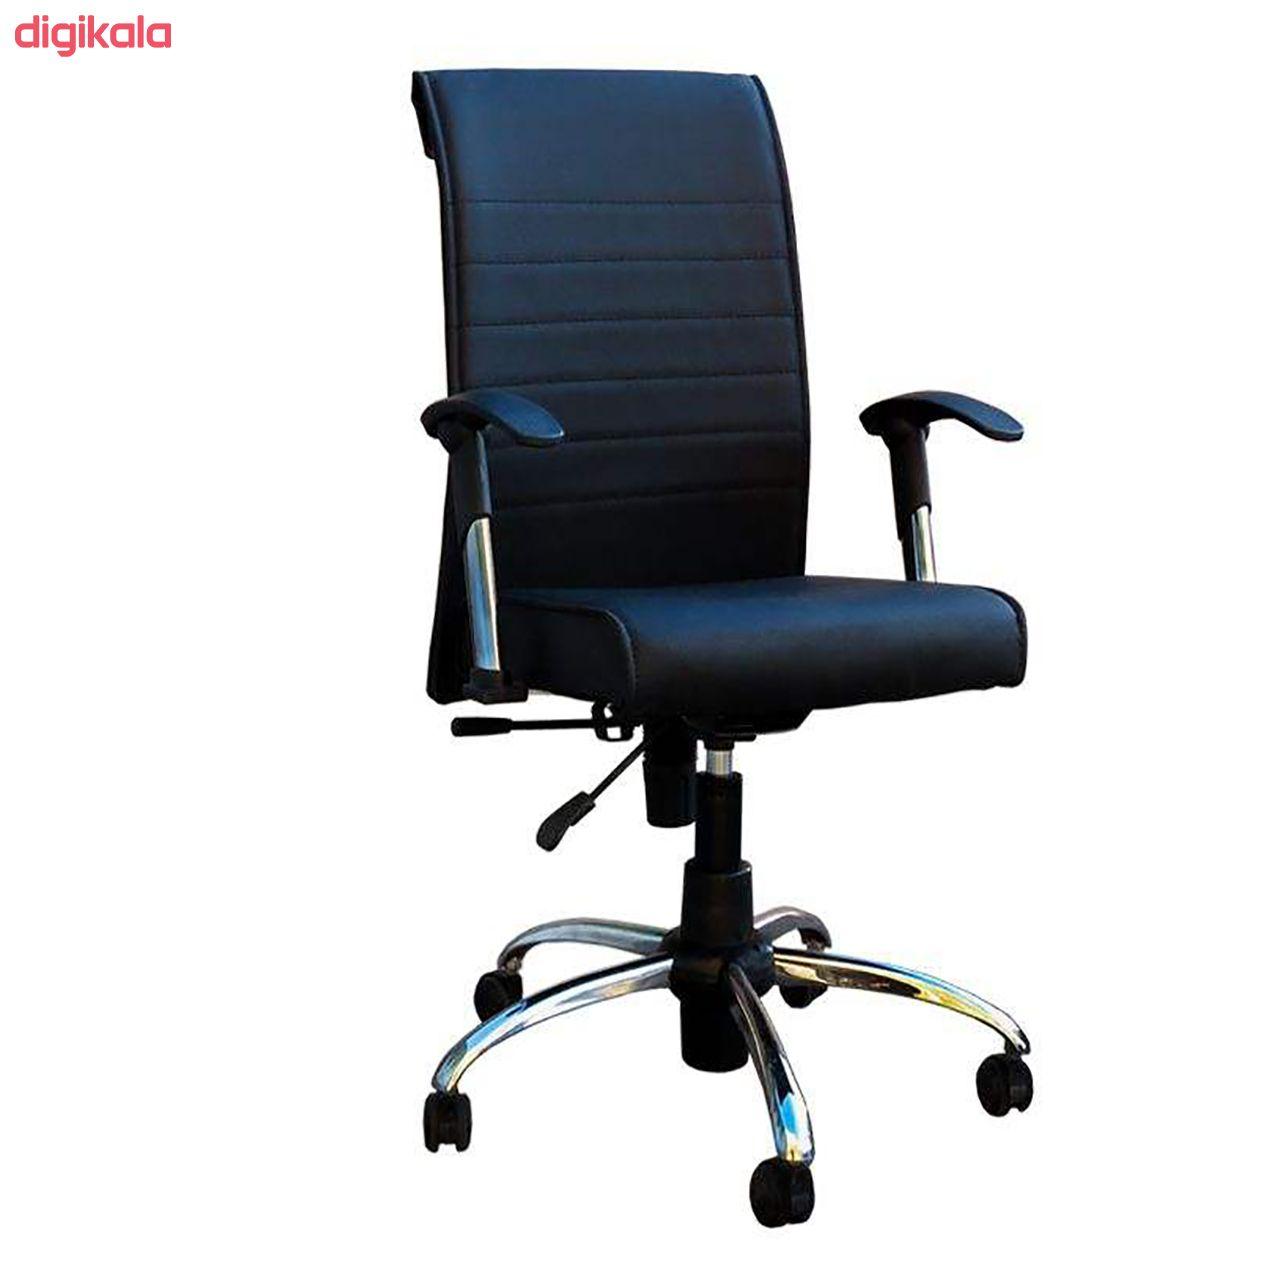 صندلی کارمندی مدل k2 main 1 2